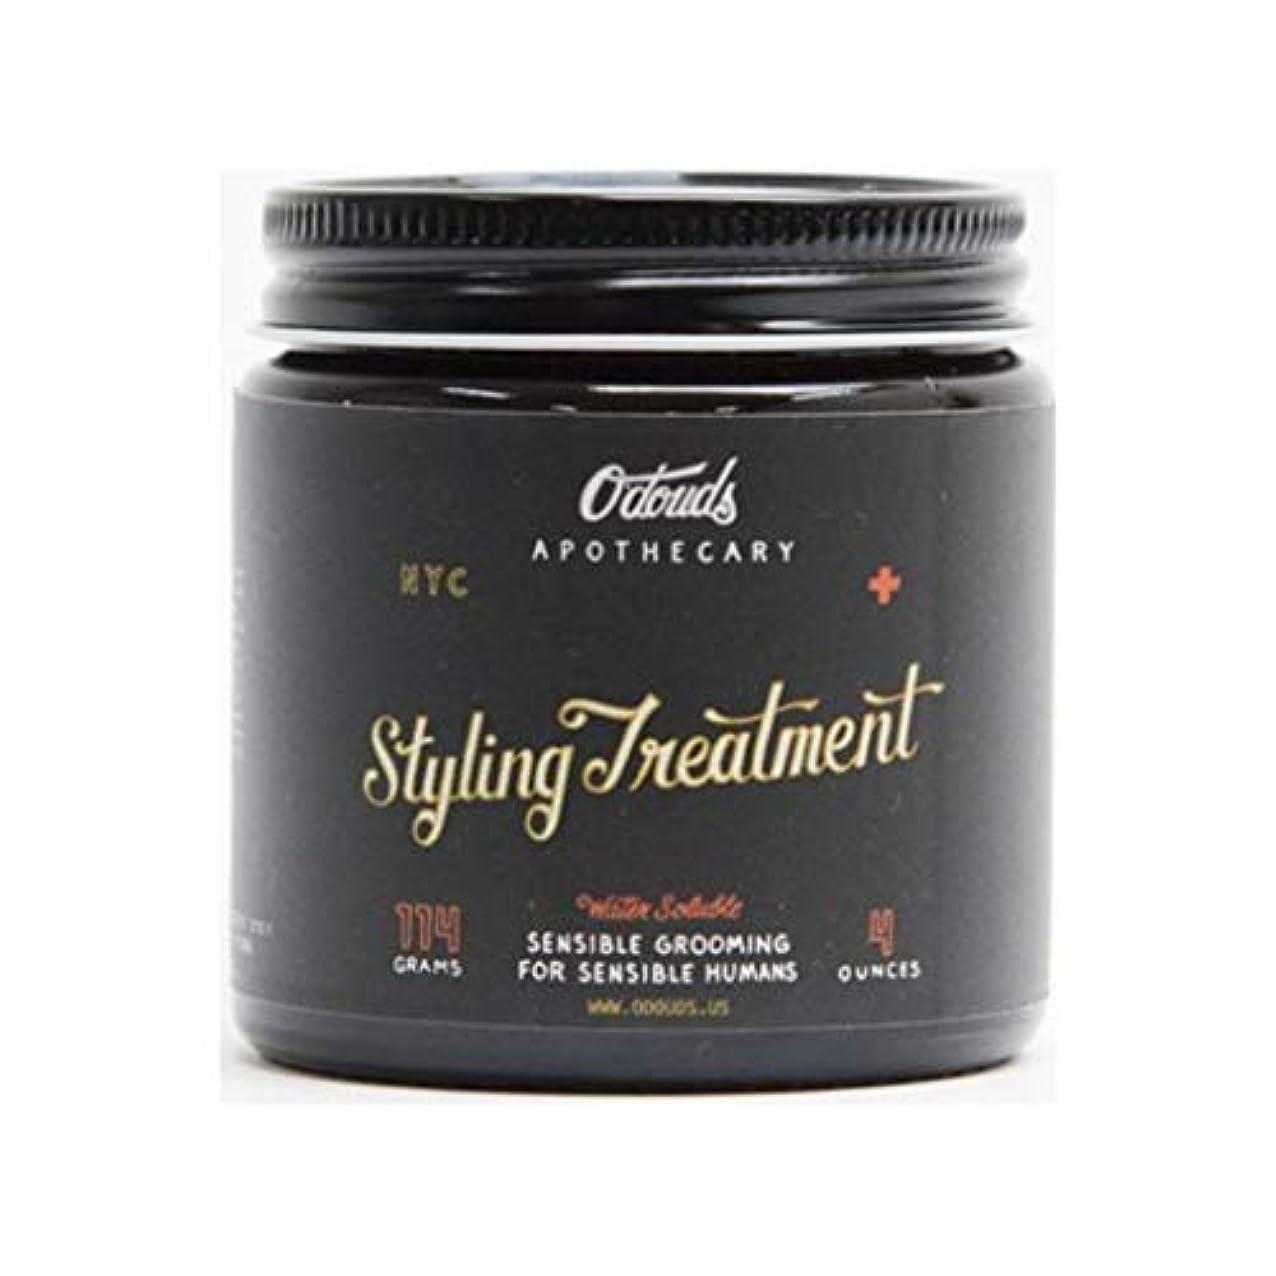 十分執着枯渇O'Douds (オダウズ) スタイリングトリートメント STYLING TREATMENT メンズ 整髪料 水性 ポマード ヘアクリーム ヘアオイル ヘアグリース ヘアワックス ナチュラルシャイン ライトホールド ヴィーガン